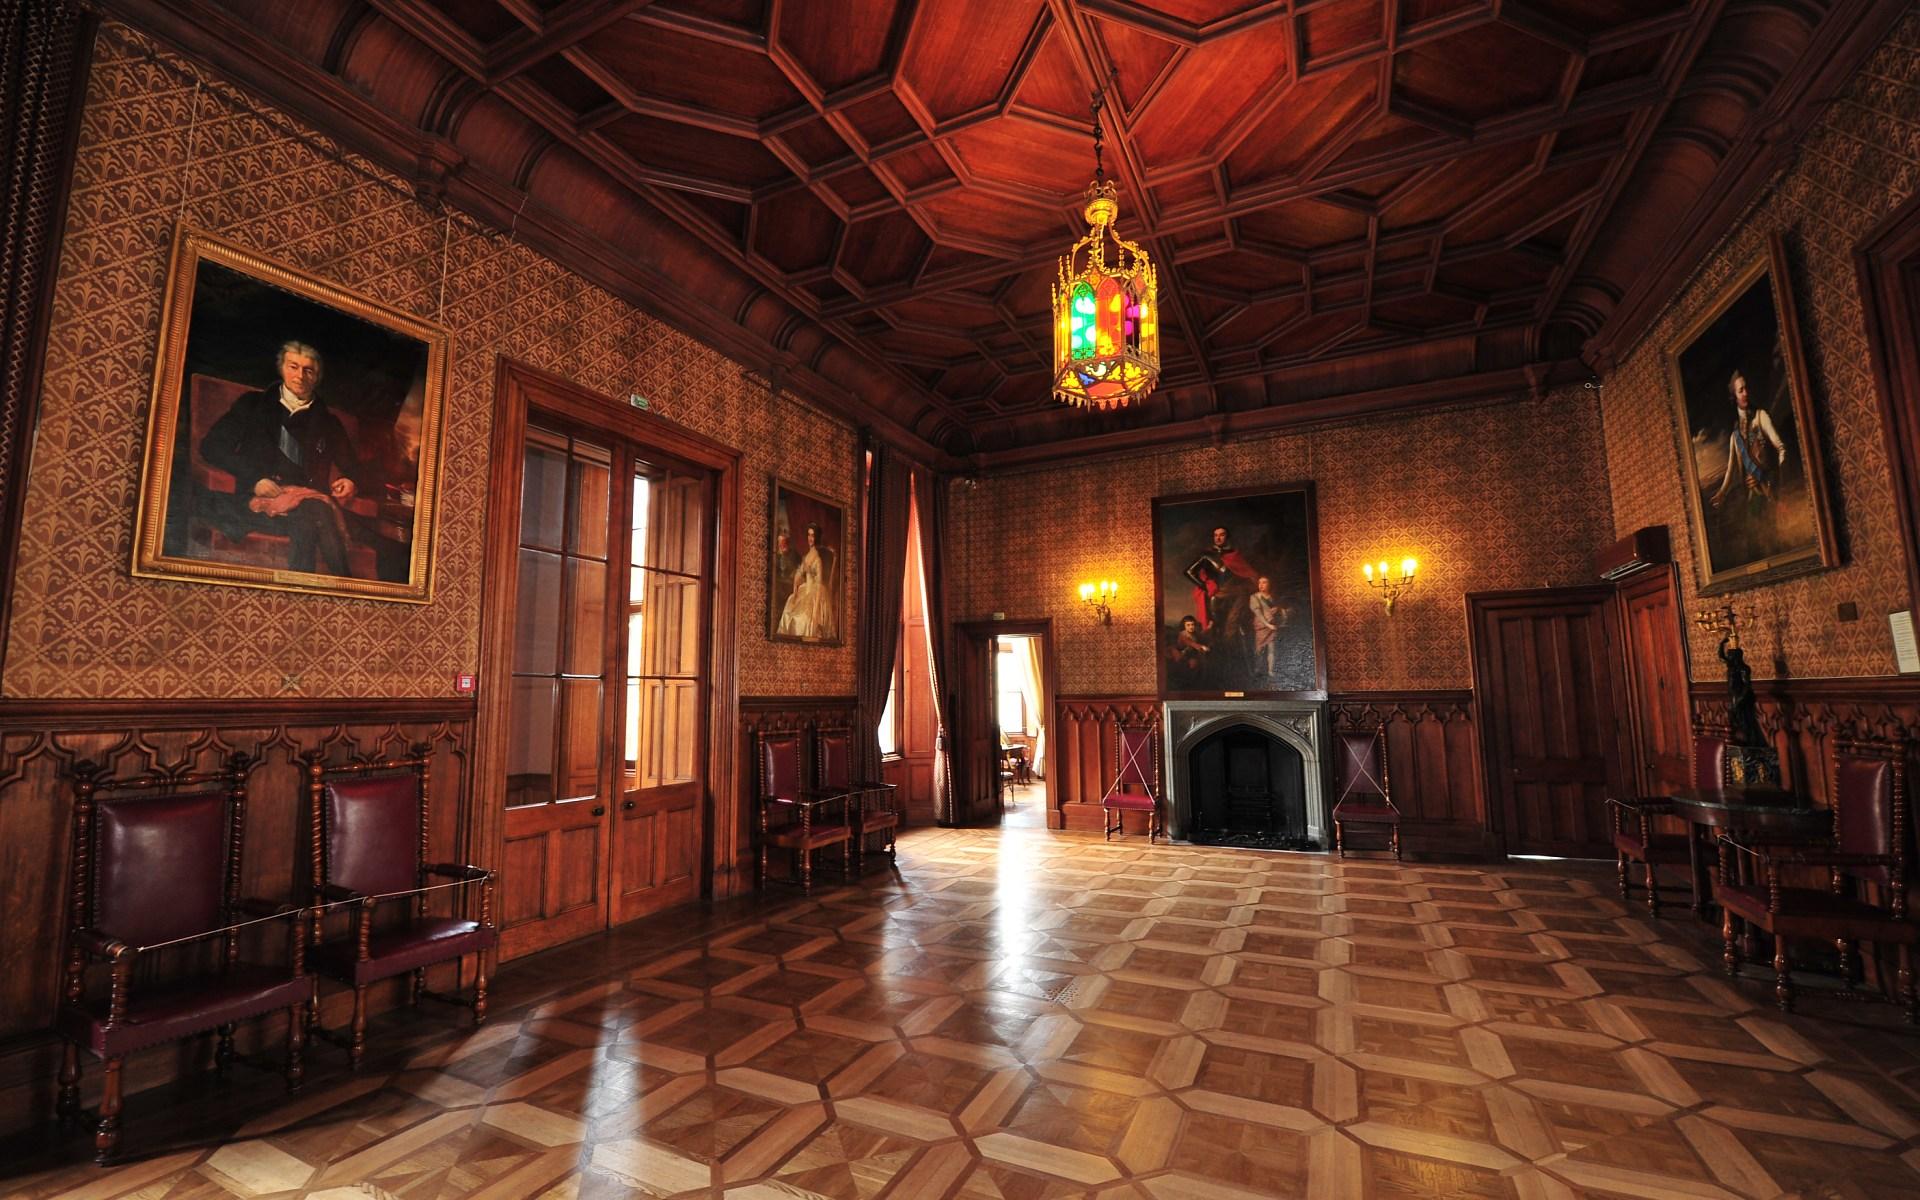 Воронцовский дворец фото внутри 2